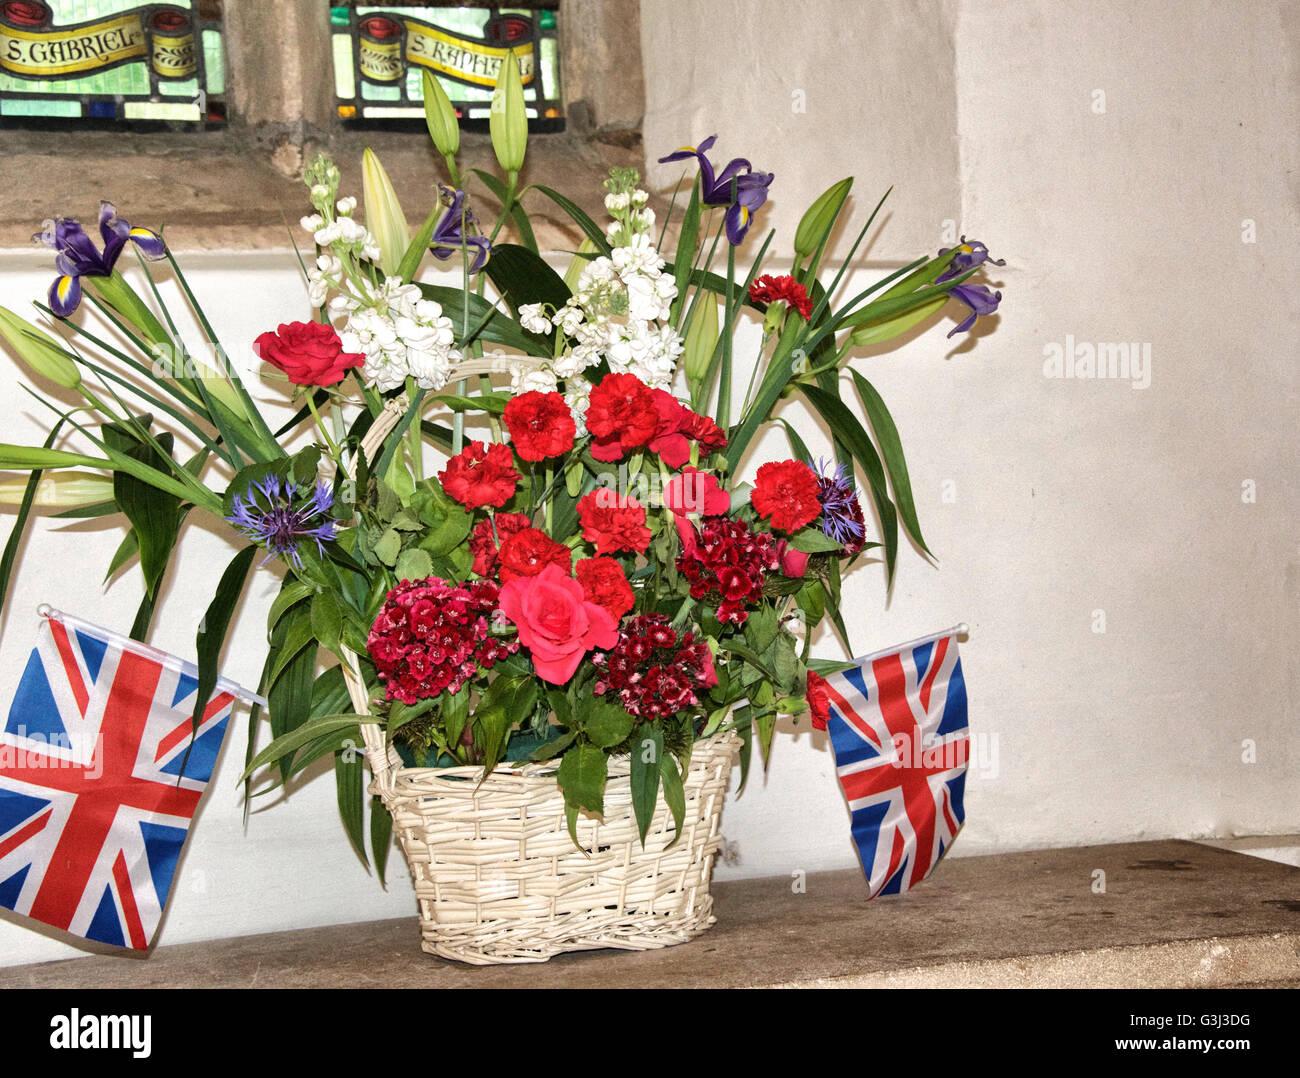 Queen Elizabeth II 90th Birthday Decorations UK